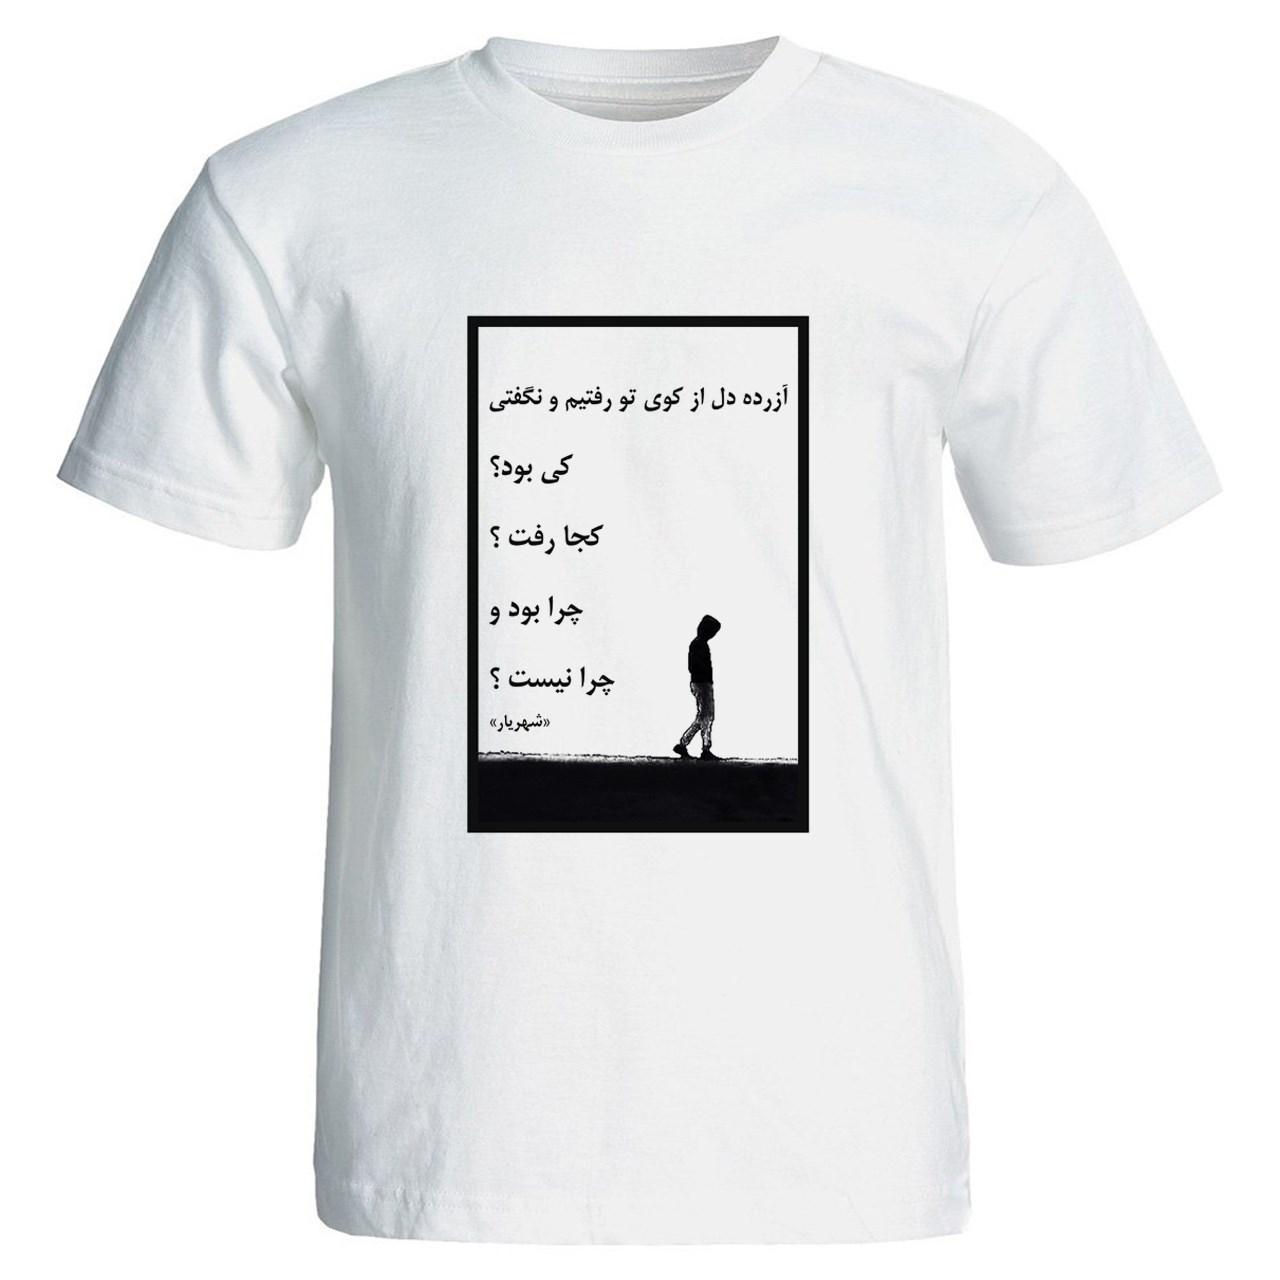 تی شرت نگار ایرانی طرح J9